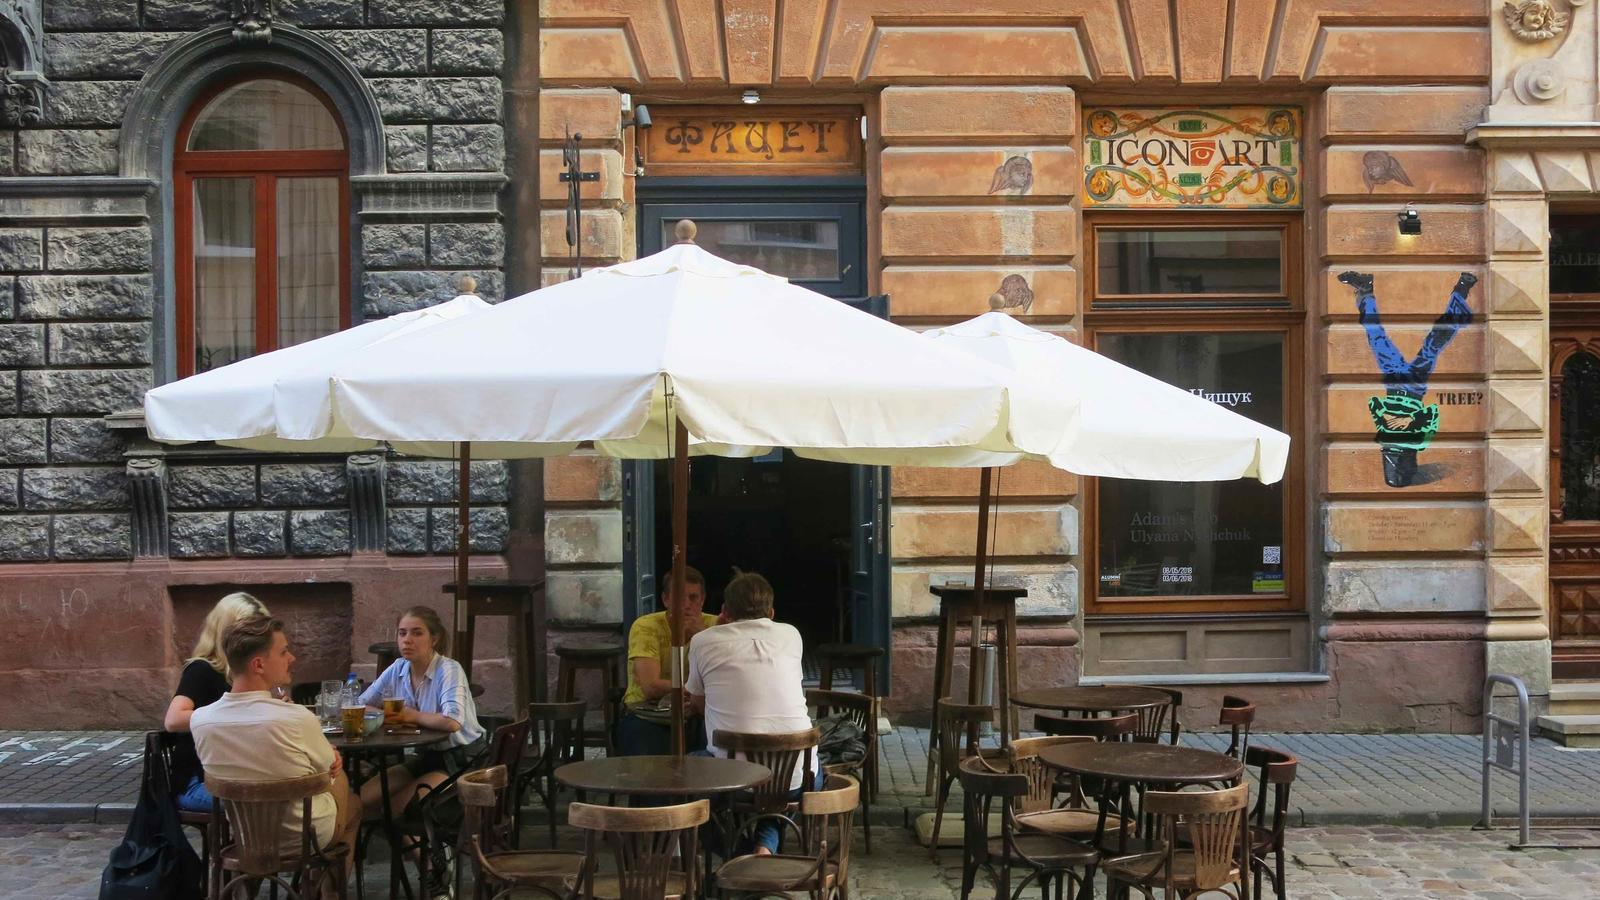 Un cafè de la ciutat vella de Lviv